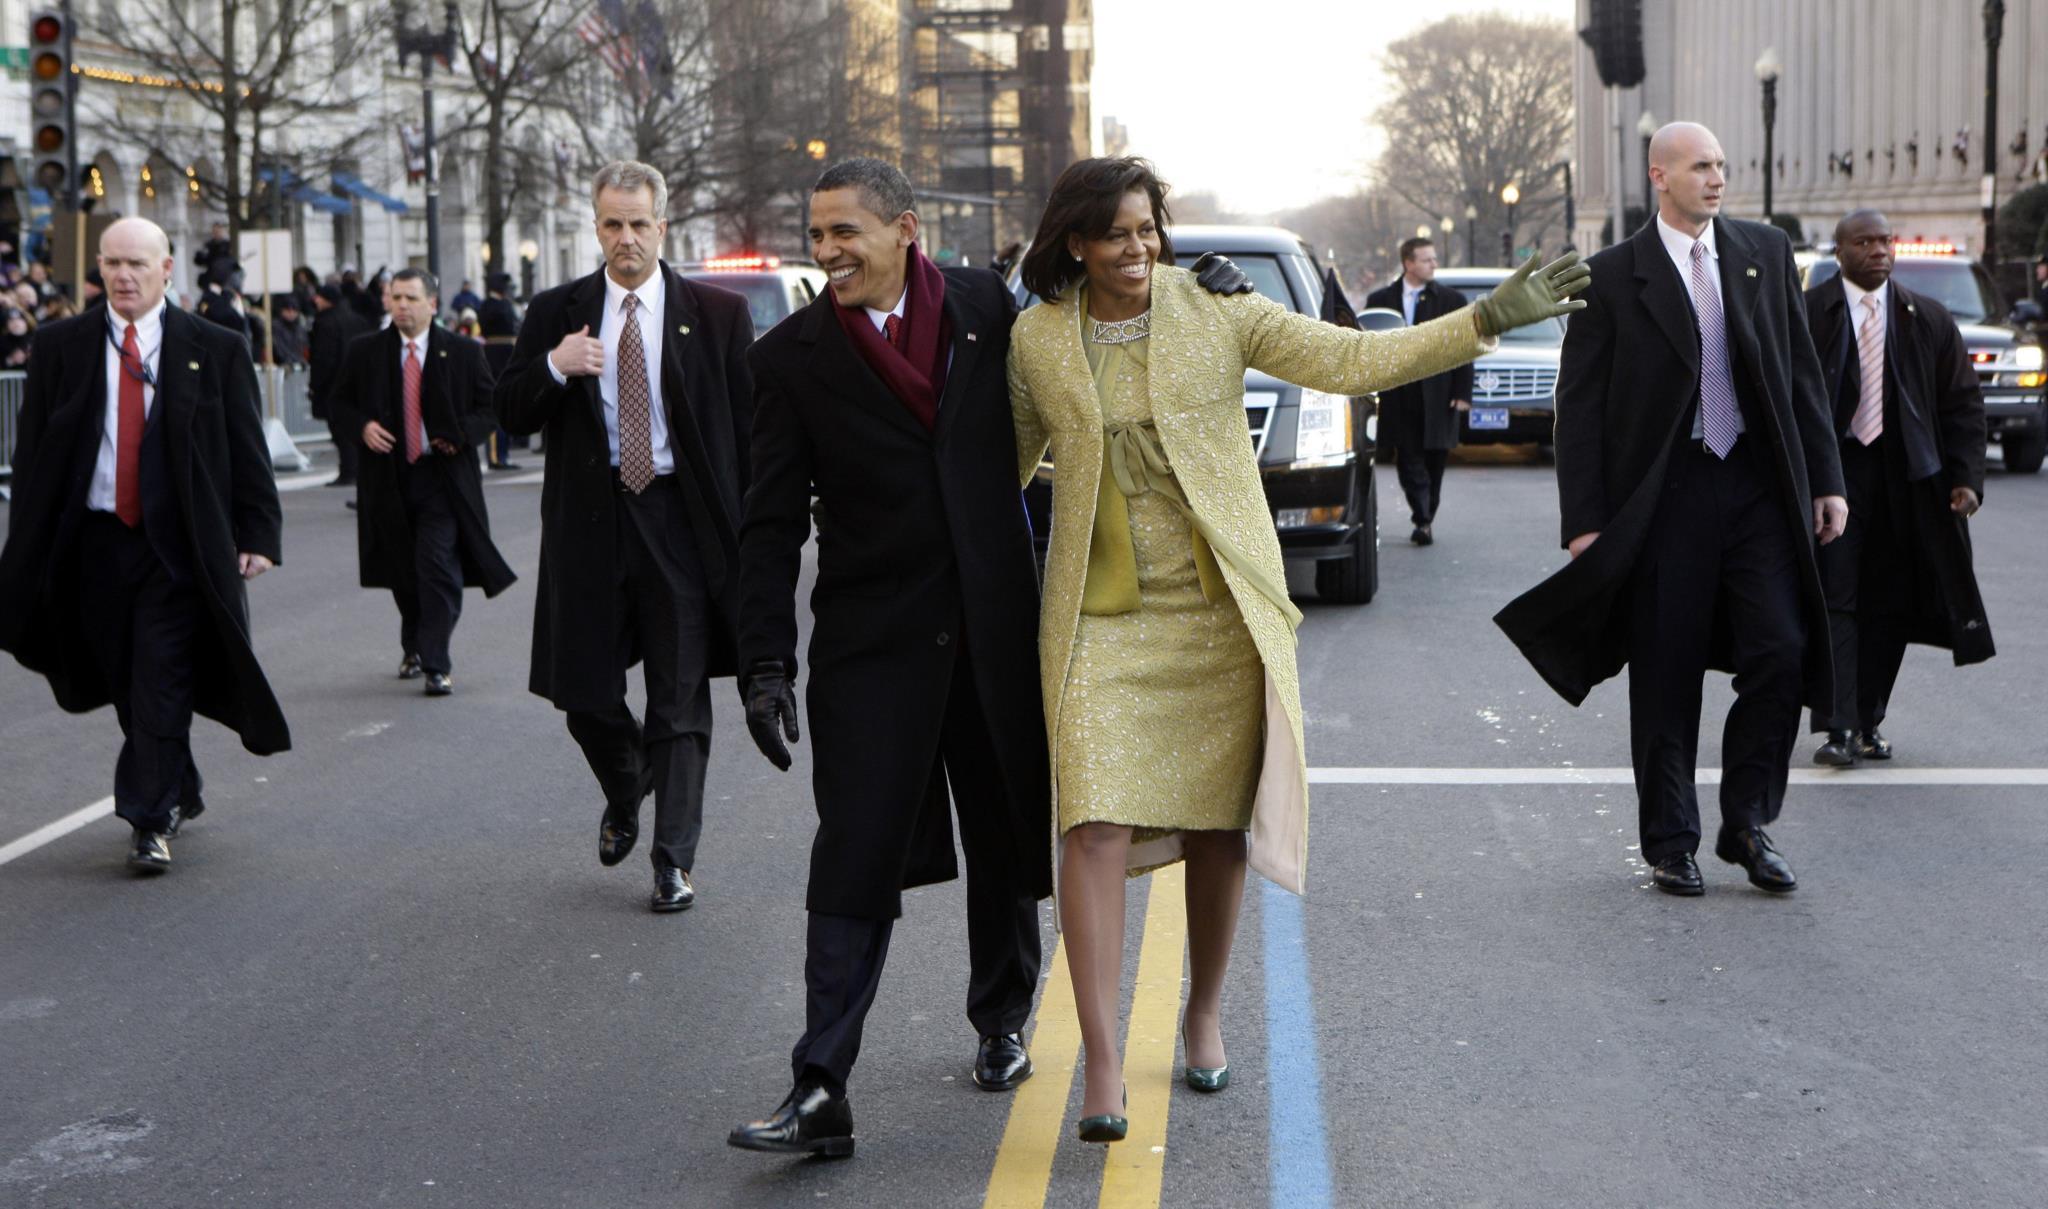 Aos 47 anos, o democrata foi o primeiro afro-americano a assumir a liderança dos EUA